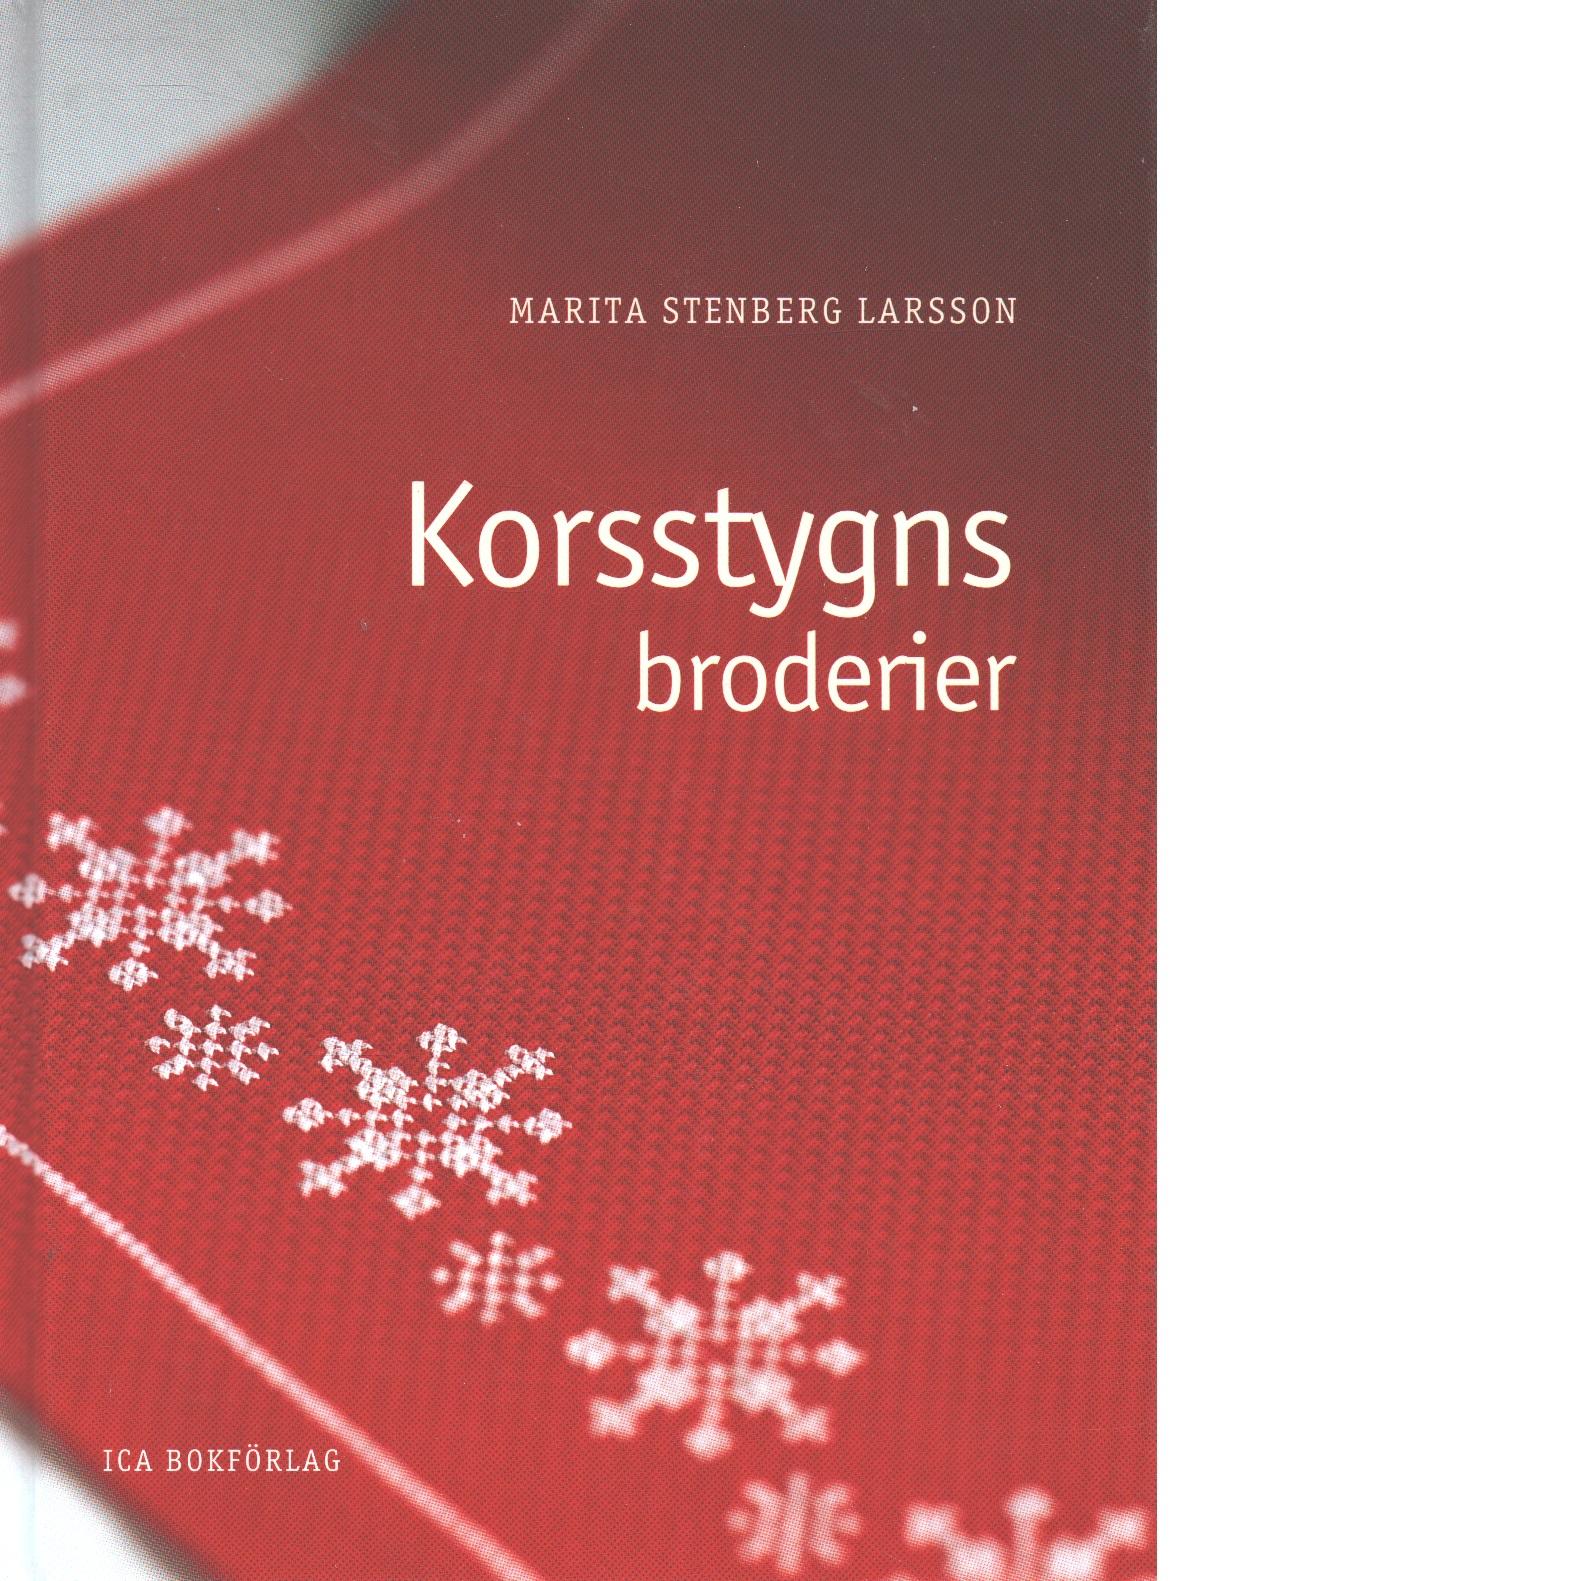 Korsstygnsbroderier - Stenberg Larsson, Marita,